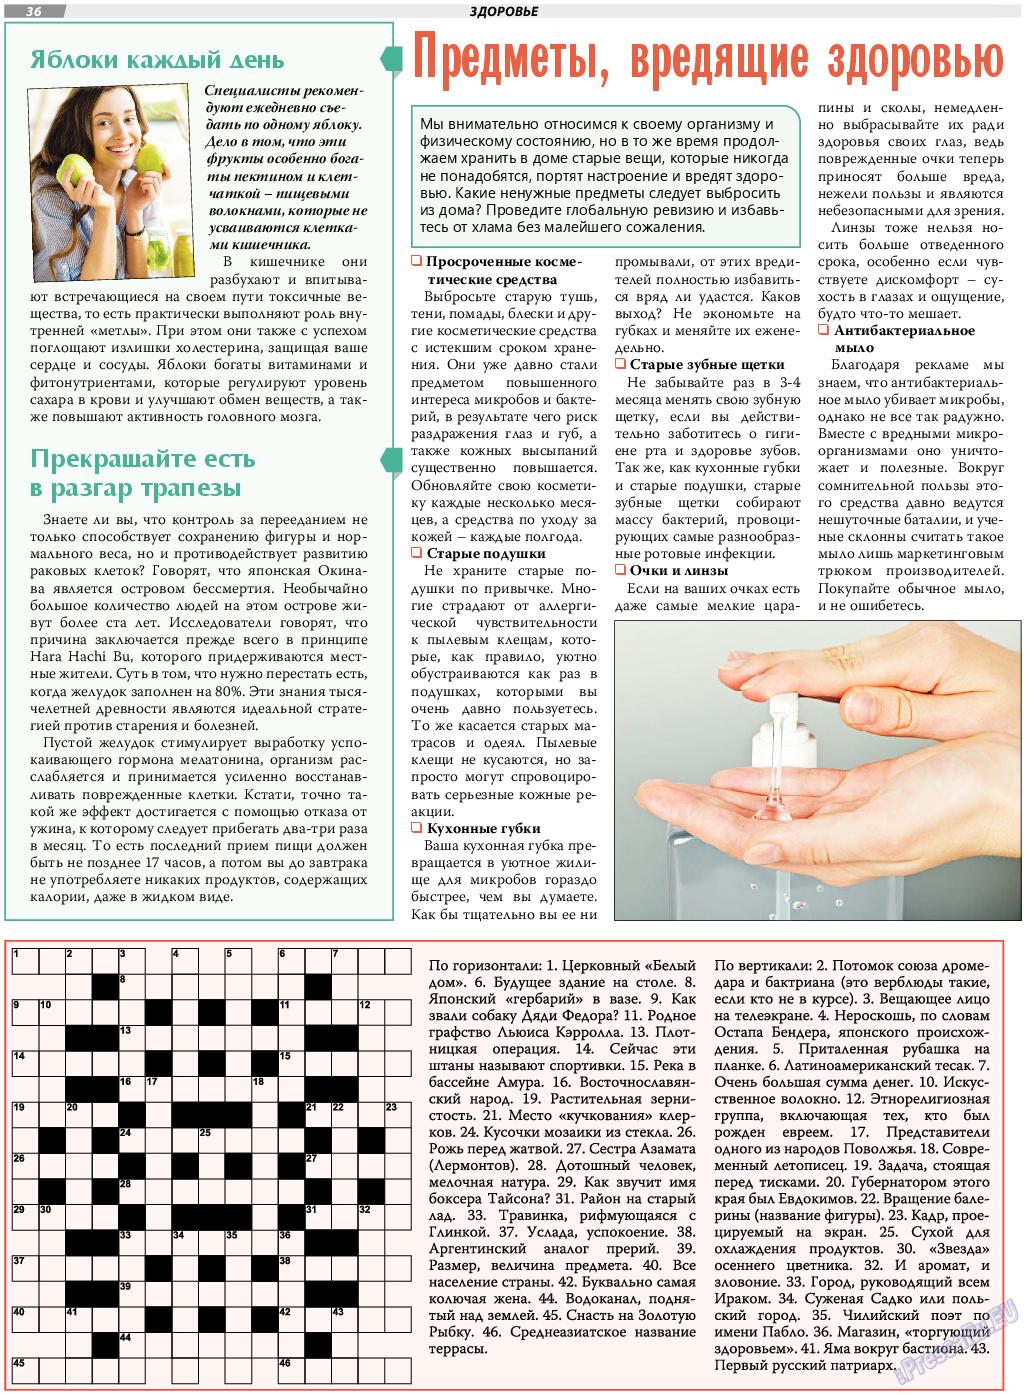 TVrus (газета). 2020 год, номер 43, стр. 36